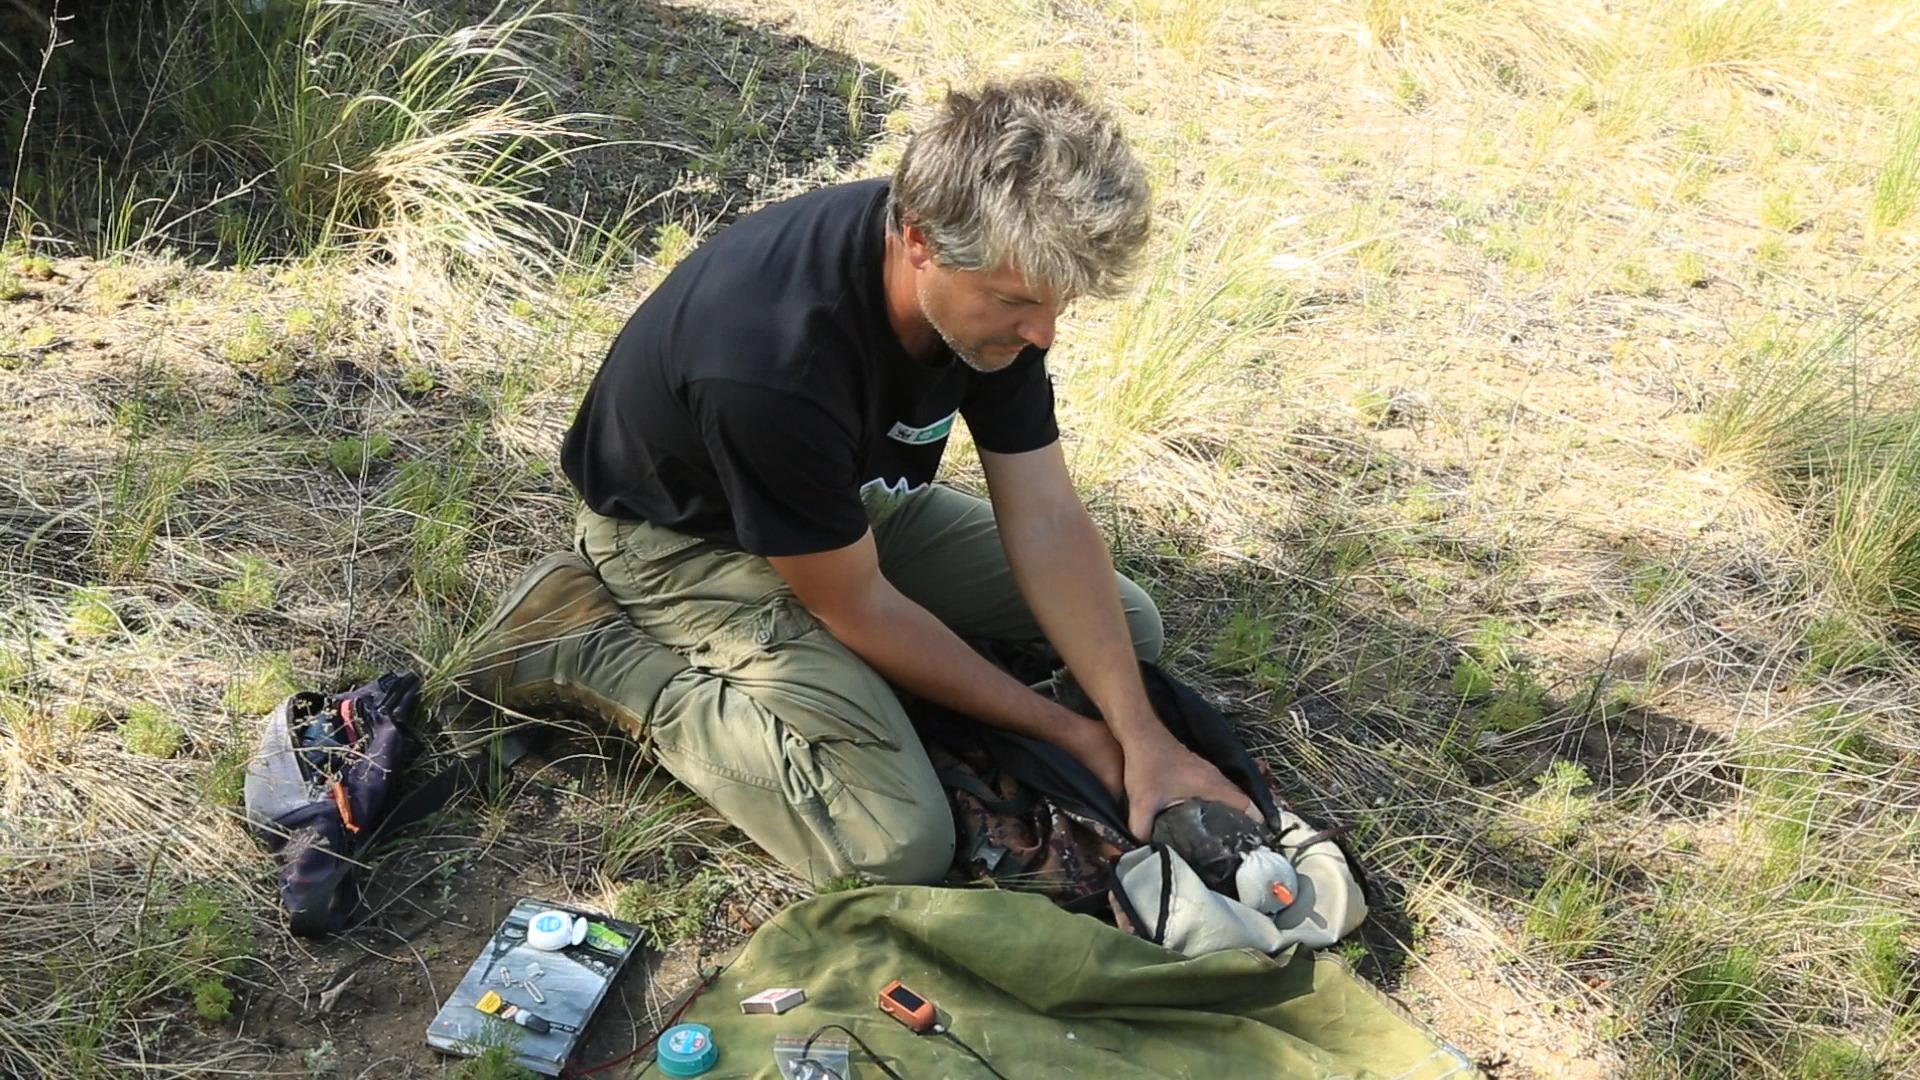 За последние десятилетия численность степного орла чрезвычайно сократилась, а гнездовой ареал вида сжался.